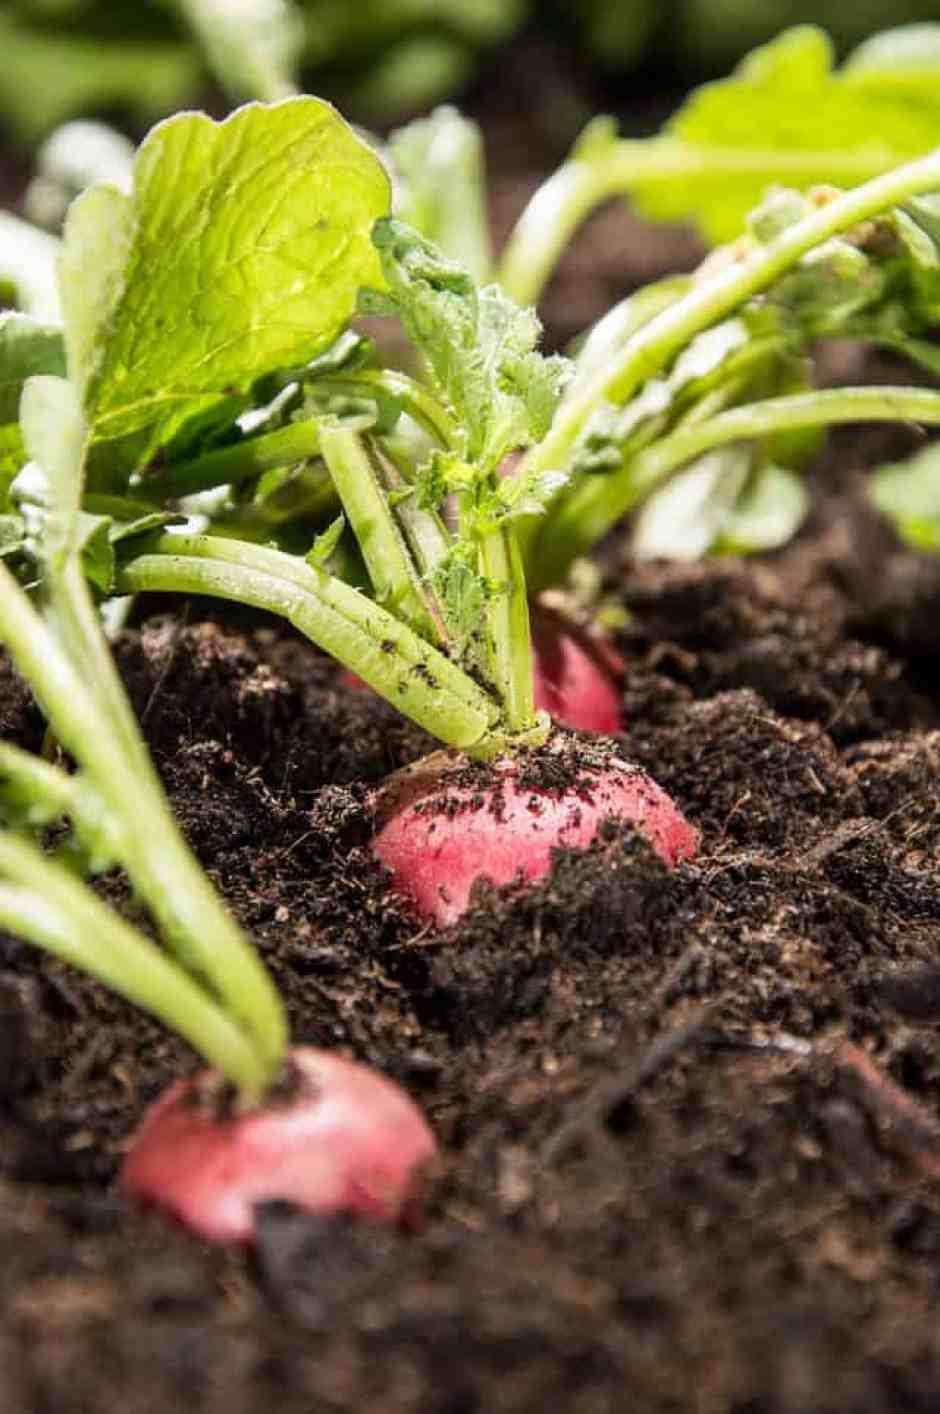 I ravanelli sono ortaggi noti per adattarsi molto bene negli ambienti chiusi. Questo ortaggio non avrà bisogno di grandi quantità di luce, ma avrà bisogno di un contenitore abbastanza profondo per contenere i bulbi in crescita